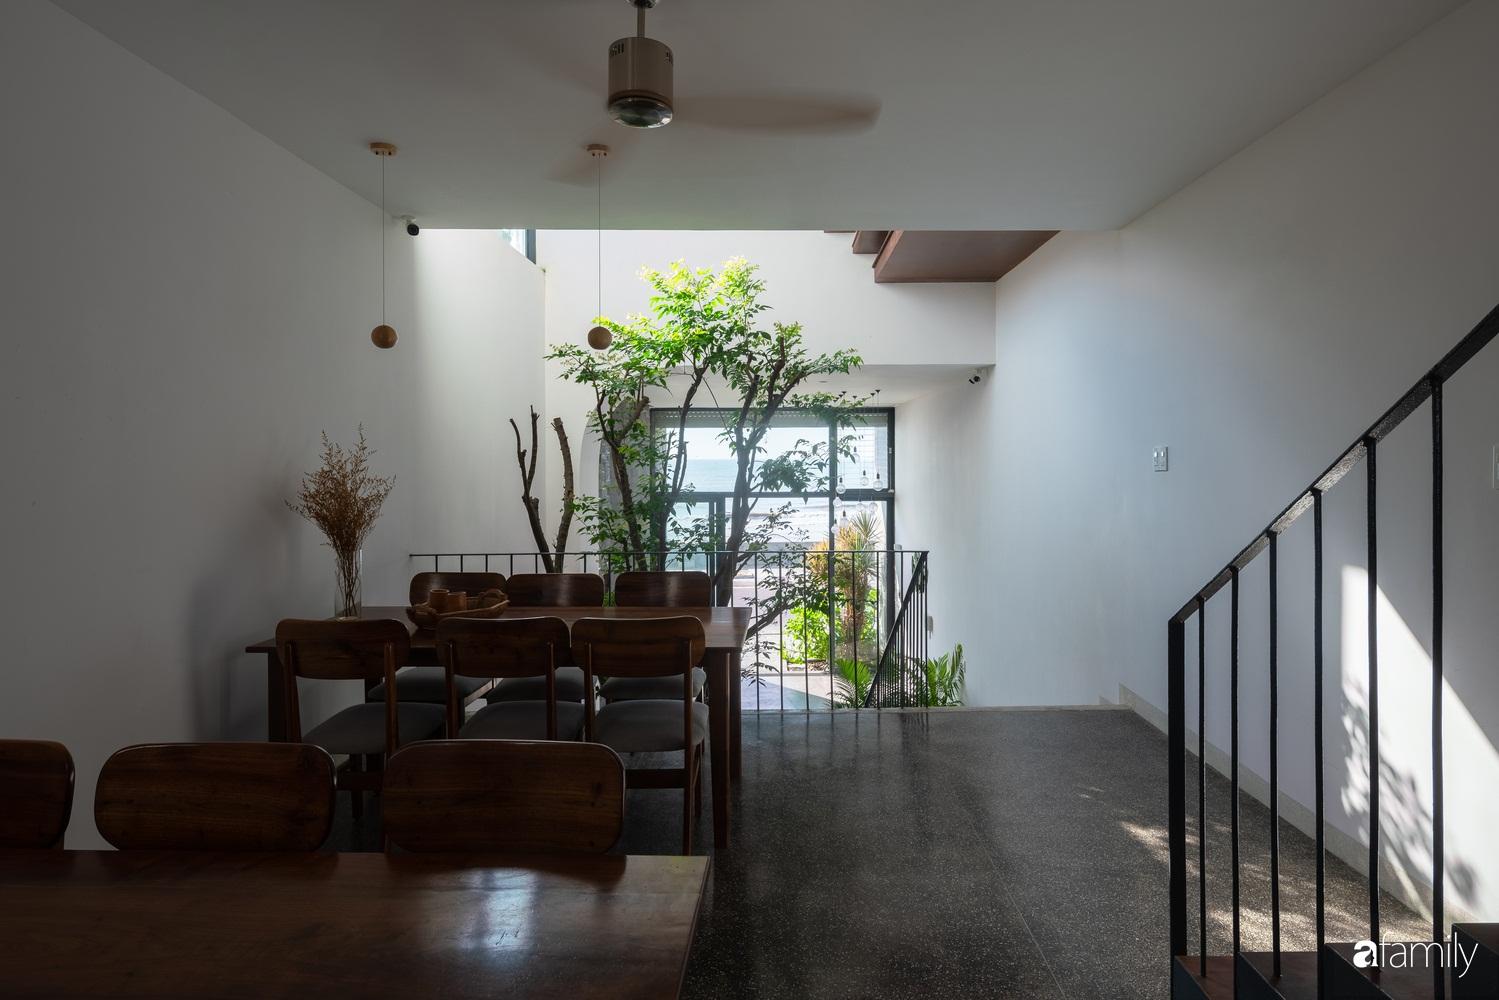 Ngôi nhà 3 tầng view biển Vũng Tàu với thiết kế mang ánh sáng và cây xanh đến từng góc nhỏ - Ảnh 11.